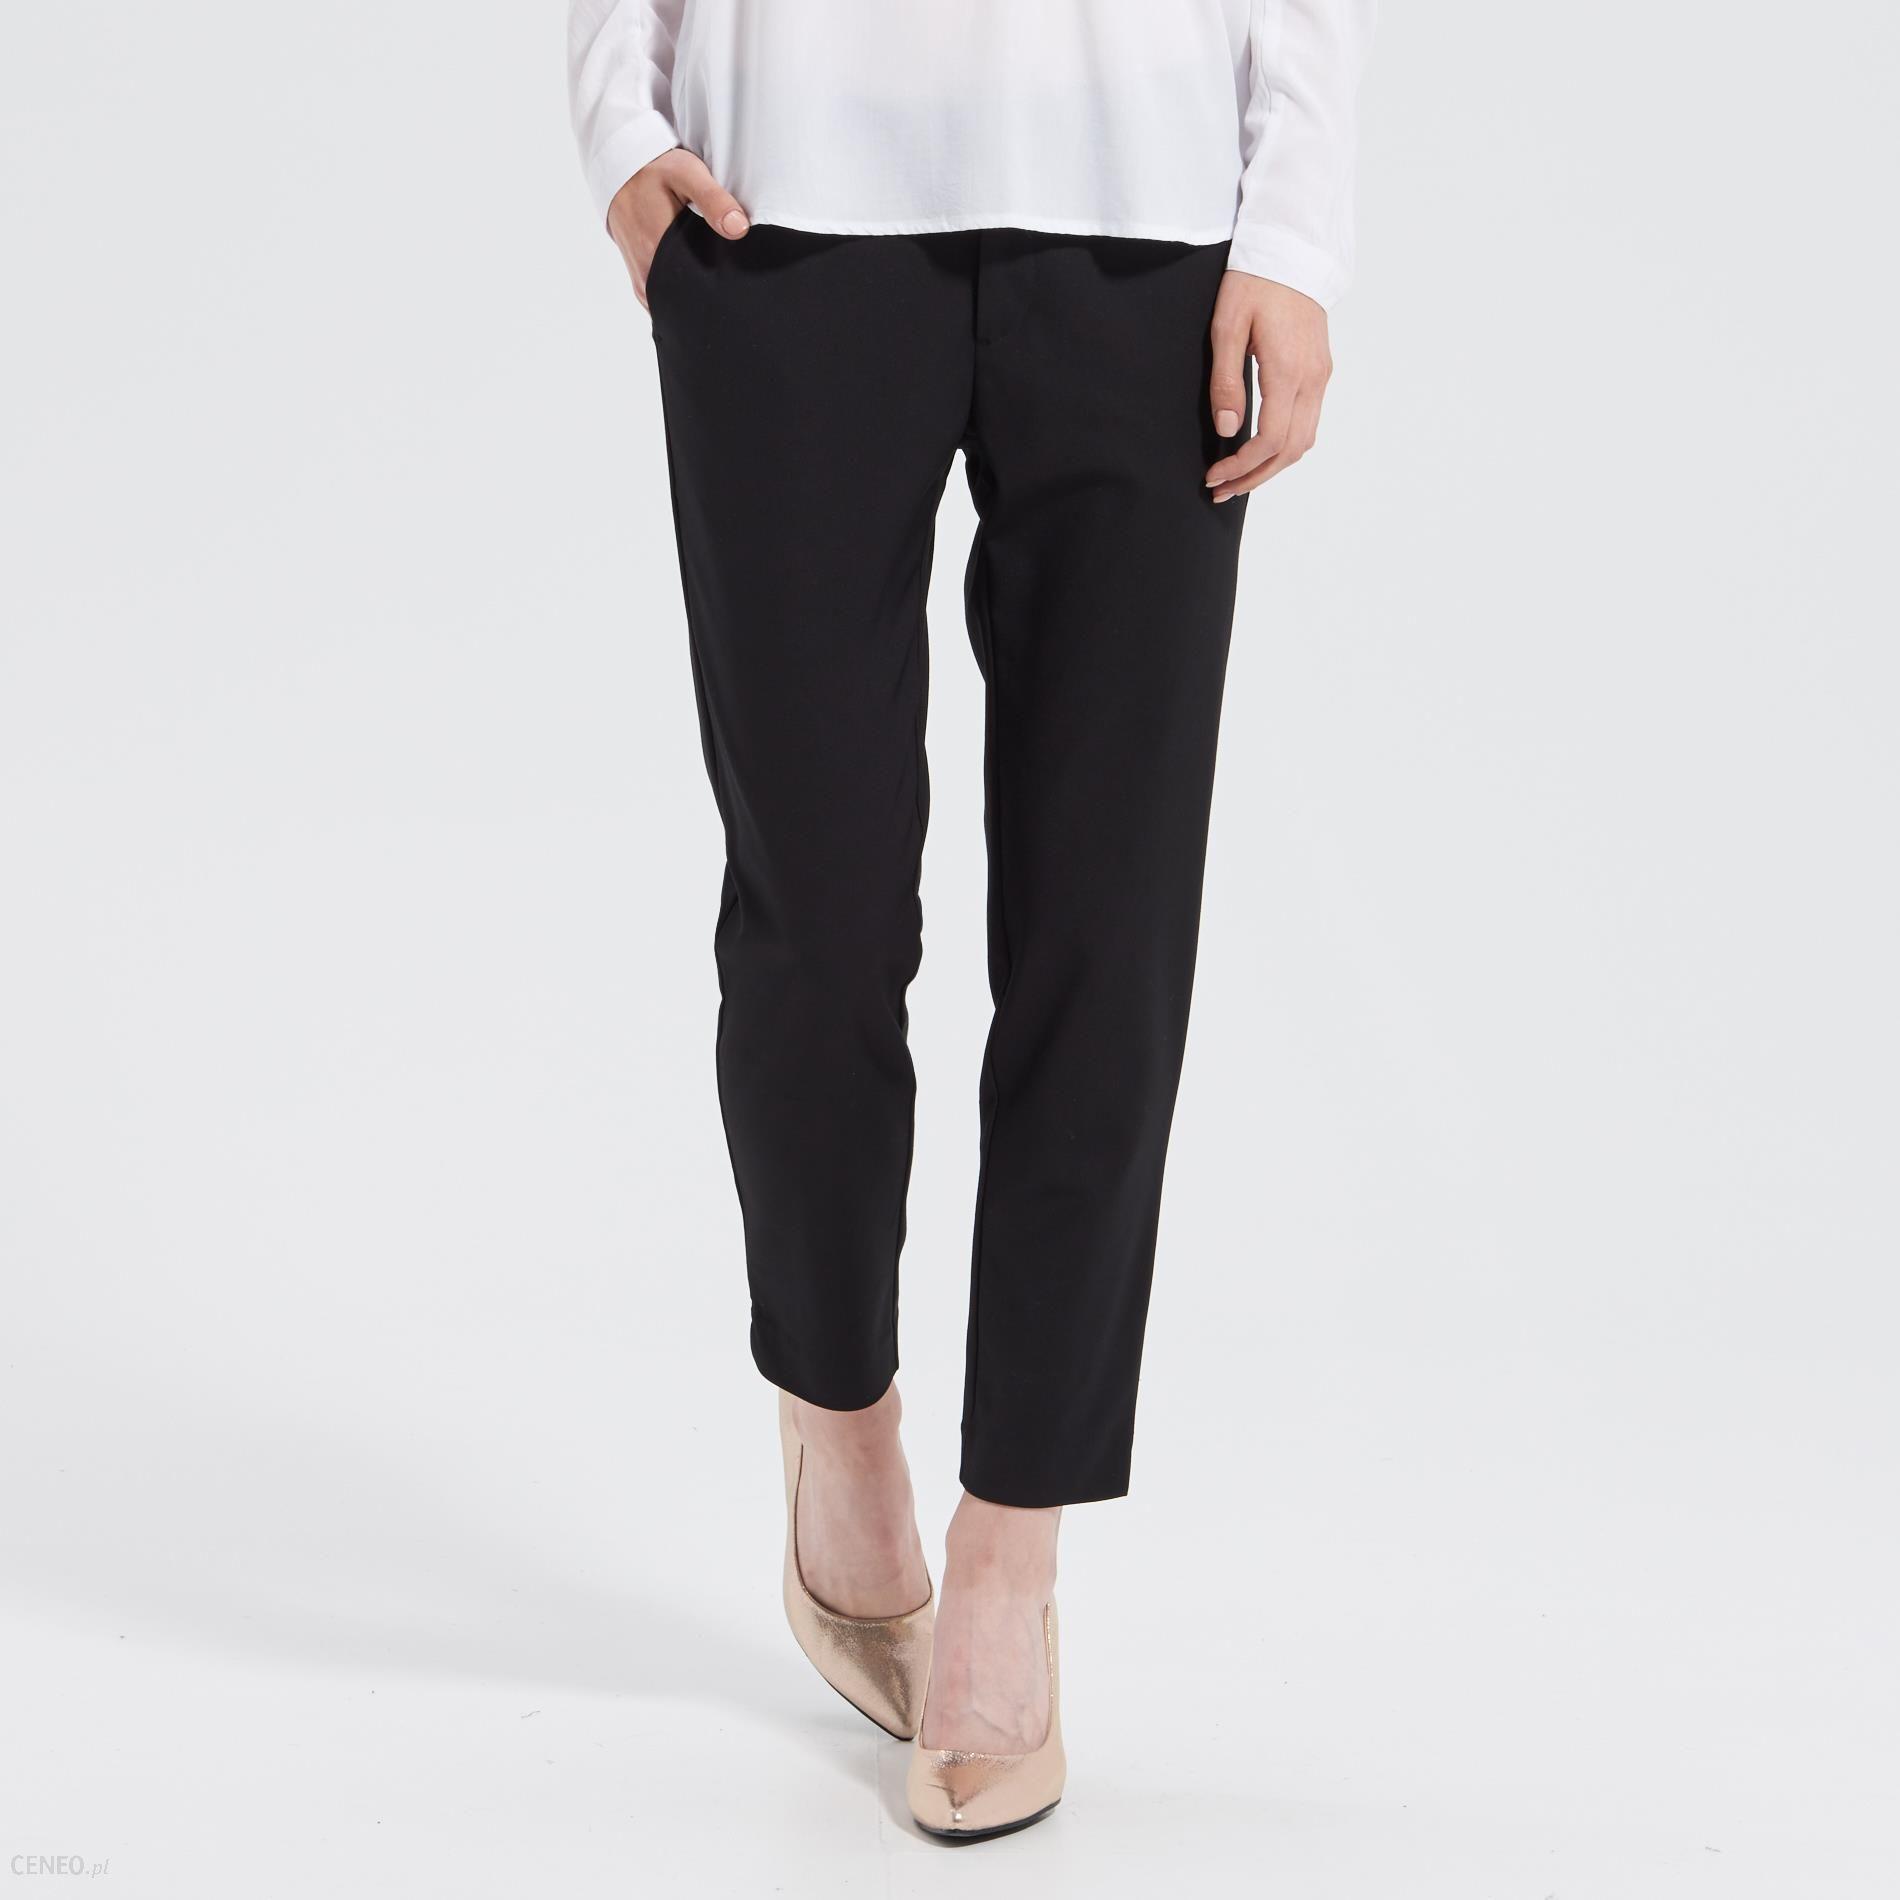 8e3f6a3d5a9021 Sinsay - Eleganckie spodnie classy&fabulous - Czarny - damska - zdjęcie 1